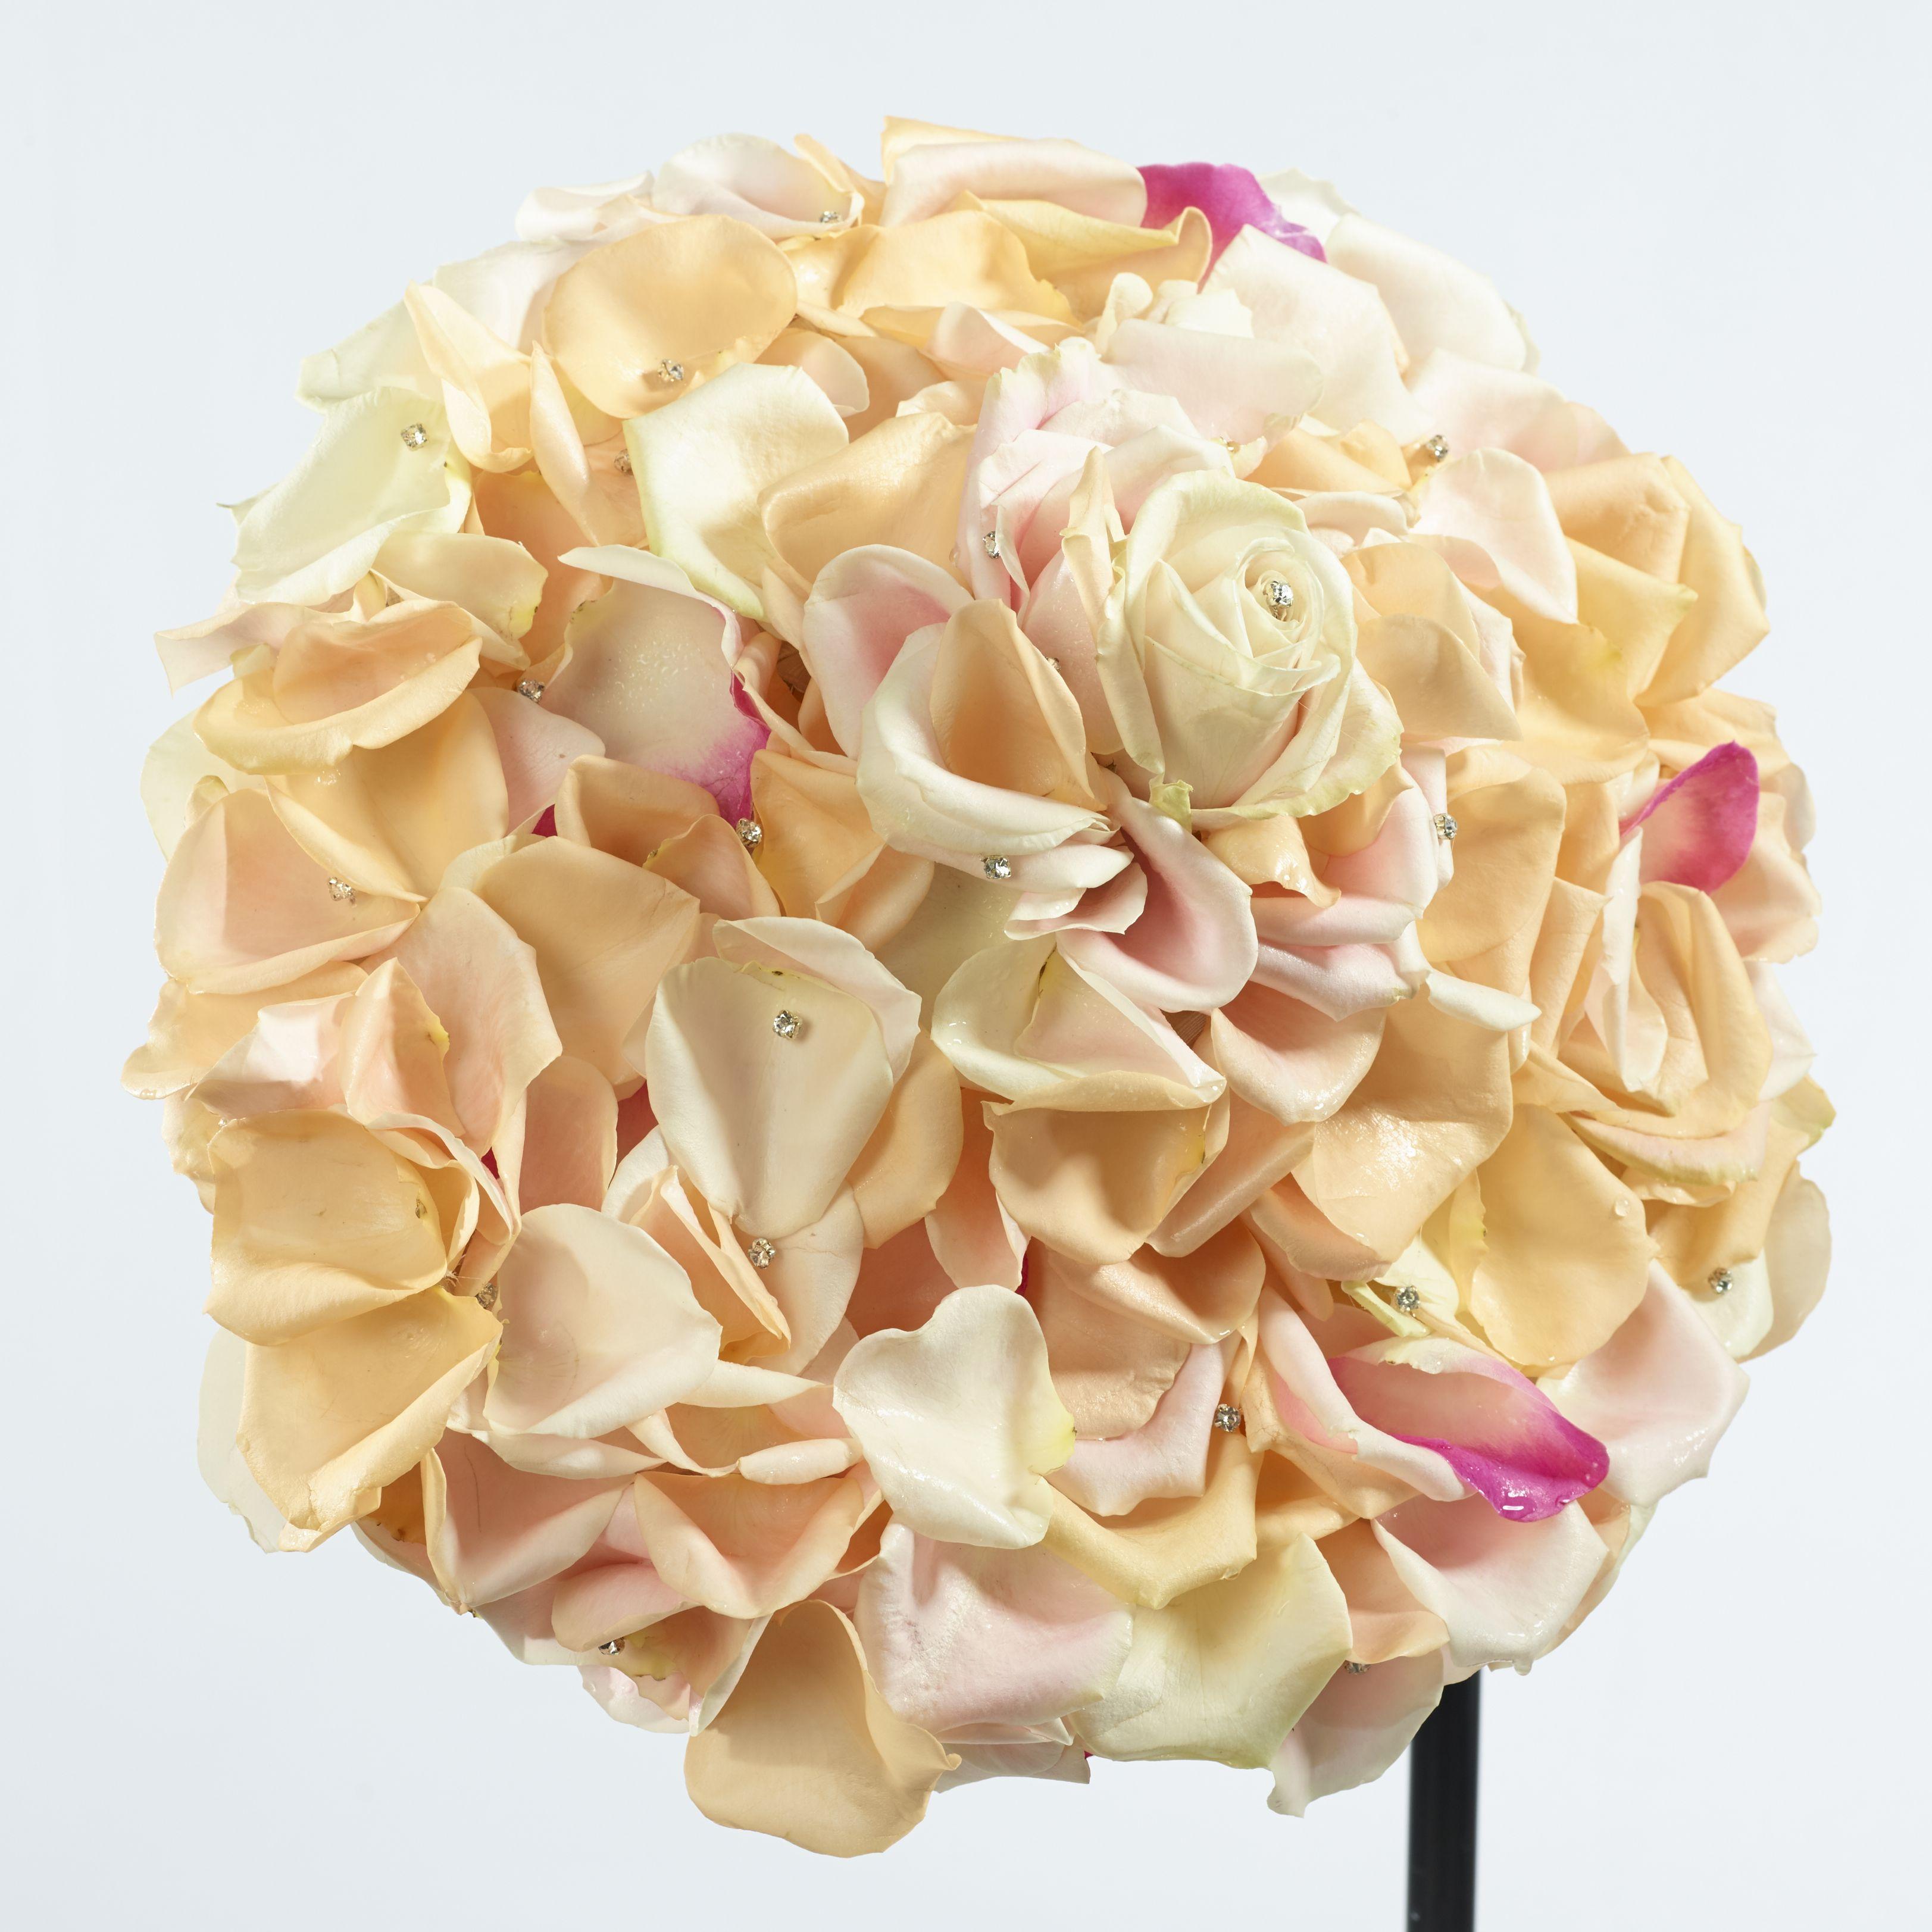 """Super romantisch - Brautstrauß Butterfly mit Avalanche Rosen. Die Verwendung dieses Bildes ist für redaktionelle Zwecke honorarfrei. Veröffentlichung bitte unter Quellenangabe: """"Fachverband Deutscher Floristen e.V./ Blumenbüro"""